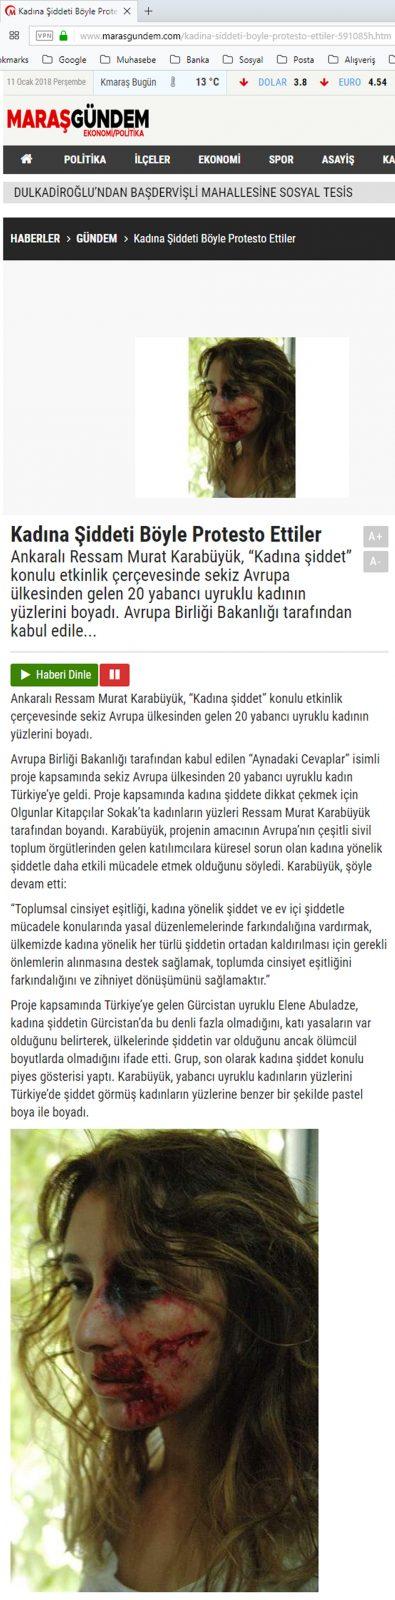 KADINA ŞİDDETİ BÖYLE PROTESTO ETTİLER